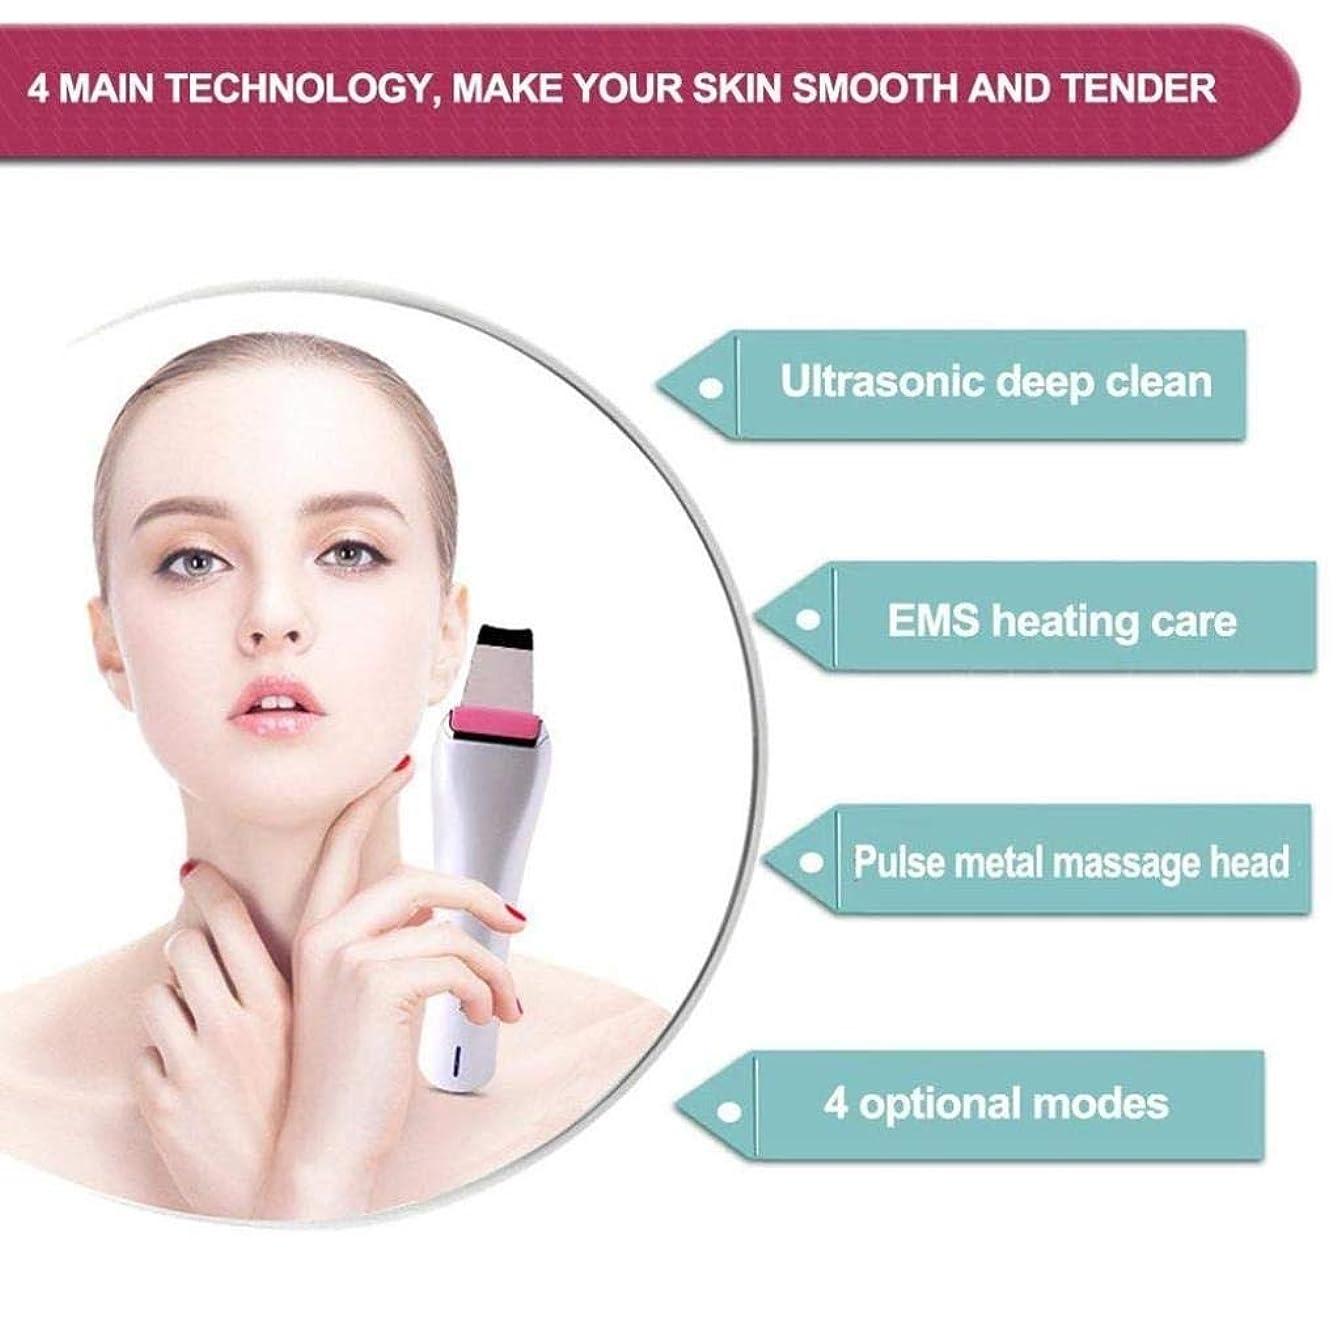 促すメアリアンジョーンズ時代遅れ顔のスキンケア顔の振動マッサージャーのクリーニング機械シャベルの皮機械アクネの皮のスクラバー